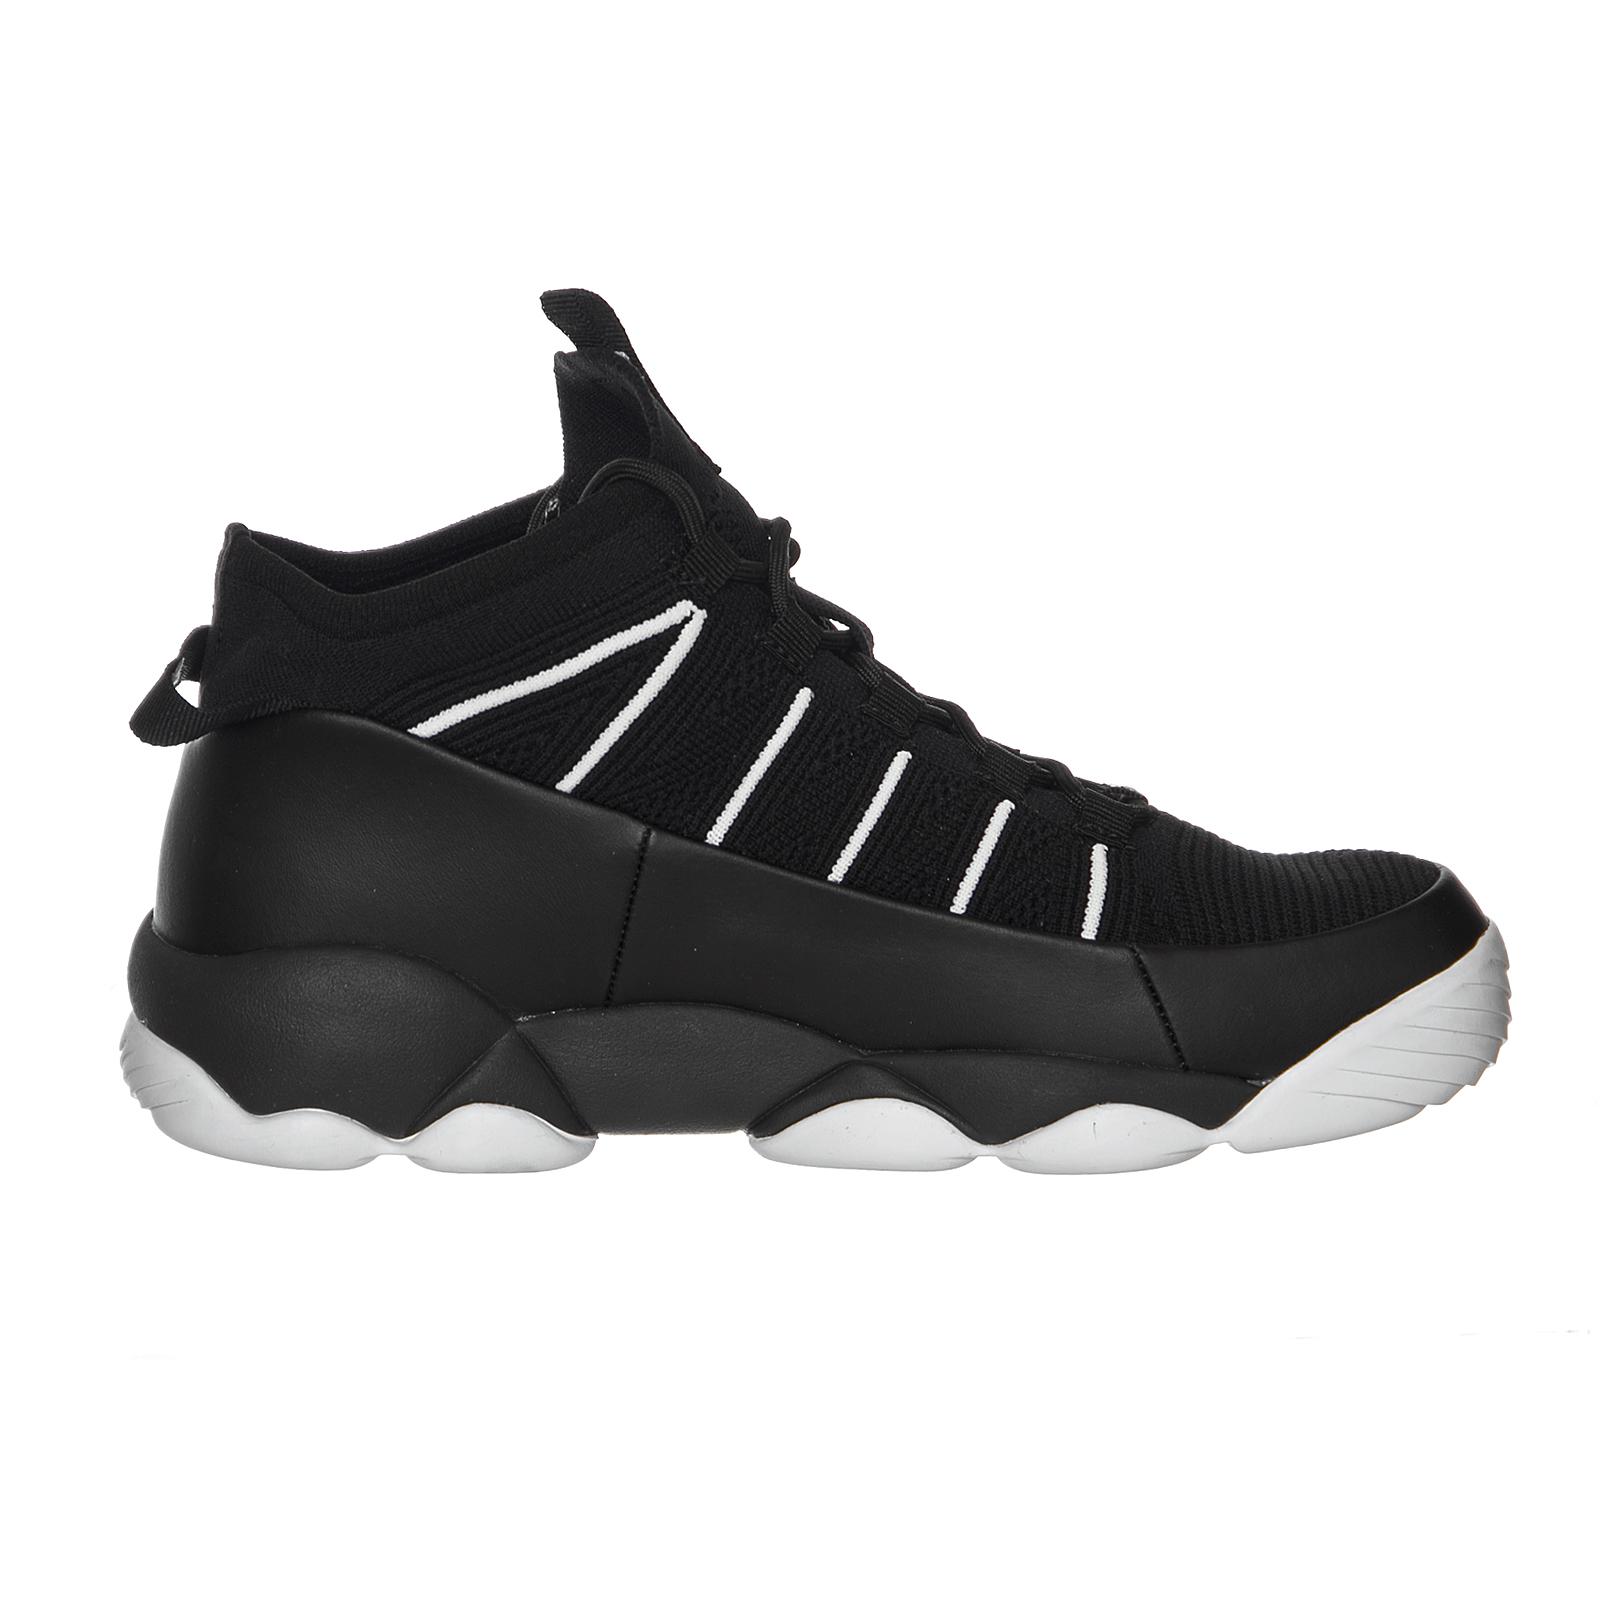 best website 2b49b 8ce01 ... Nike Air Air Air Jordan 5 Retro White Metallic Silver 136027-130 Size  12- ...